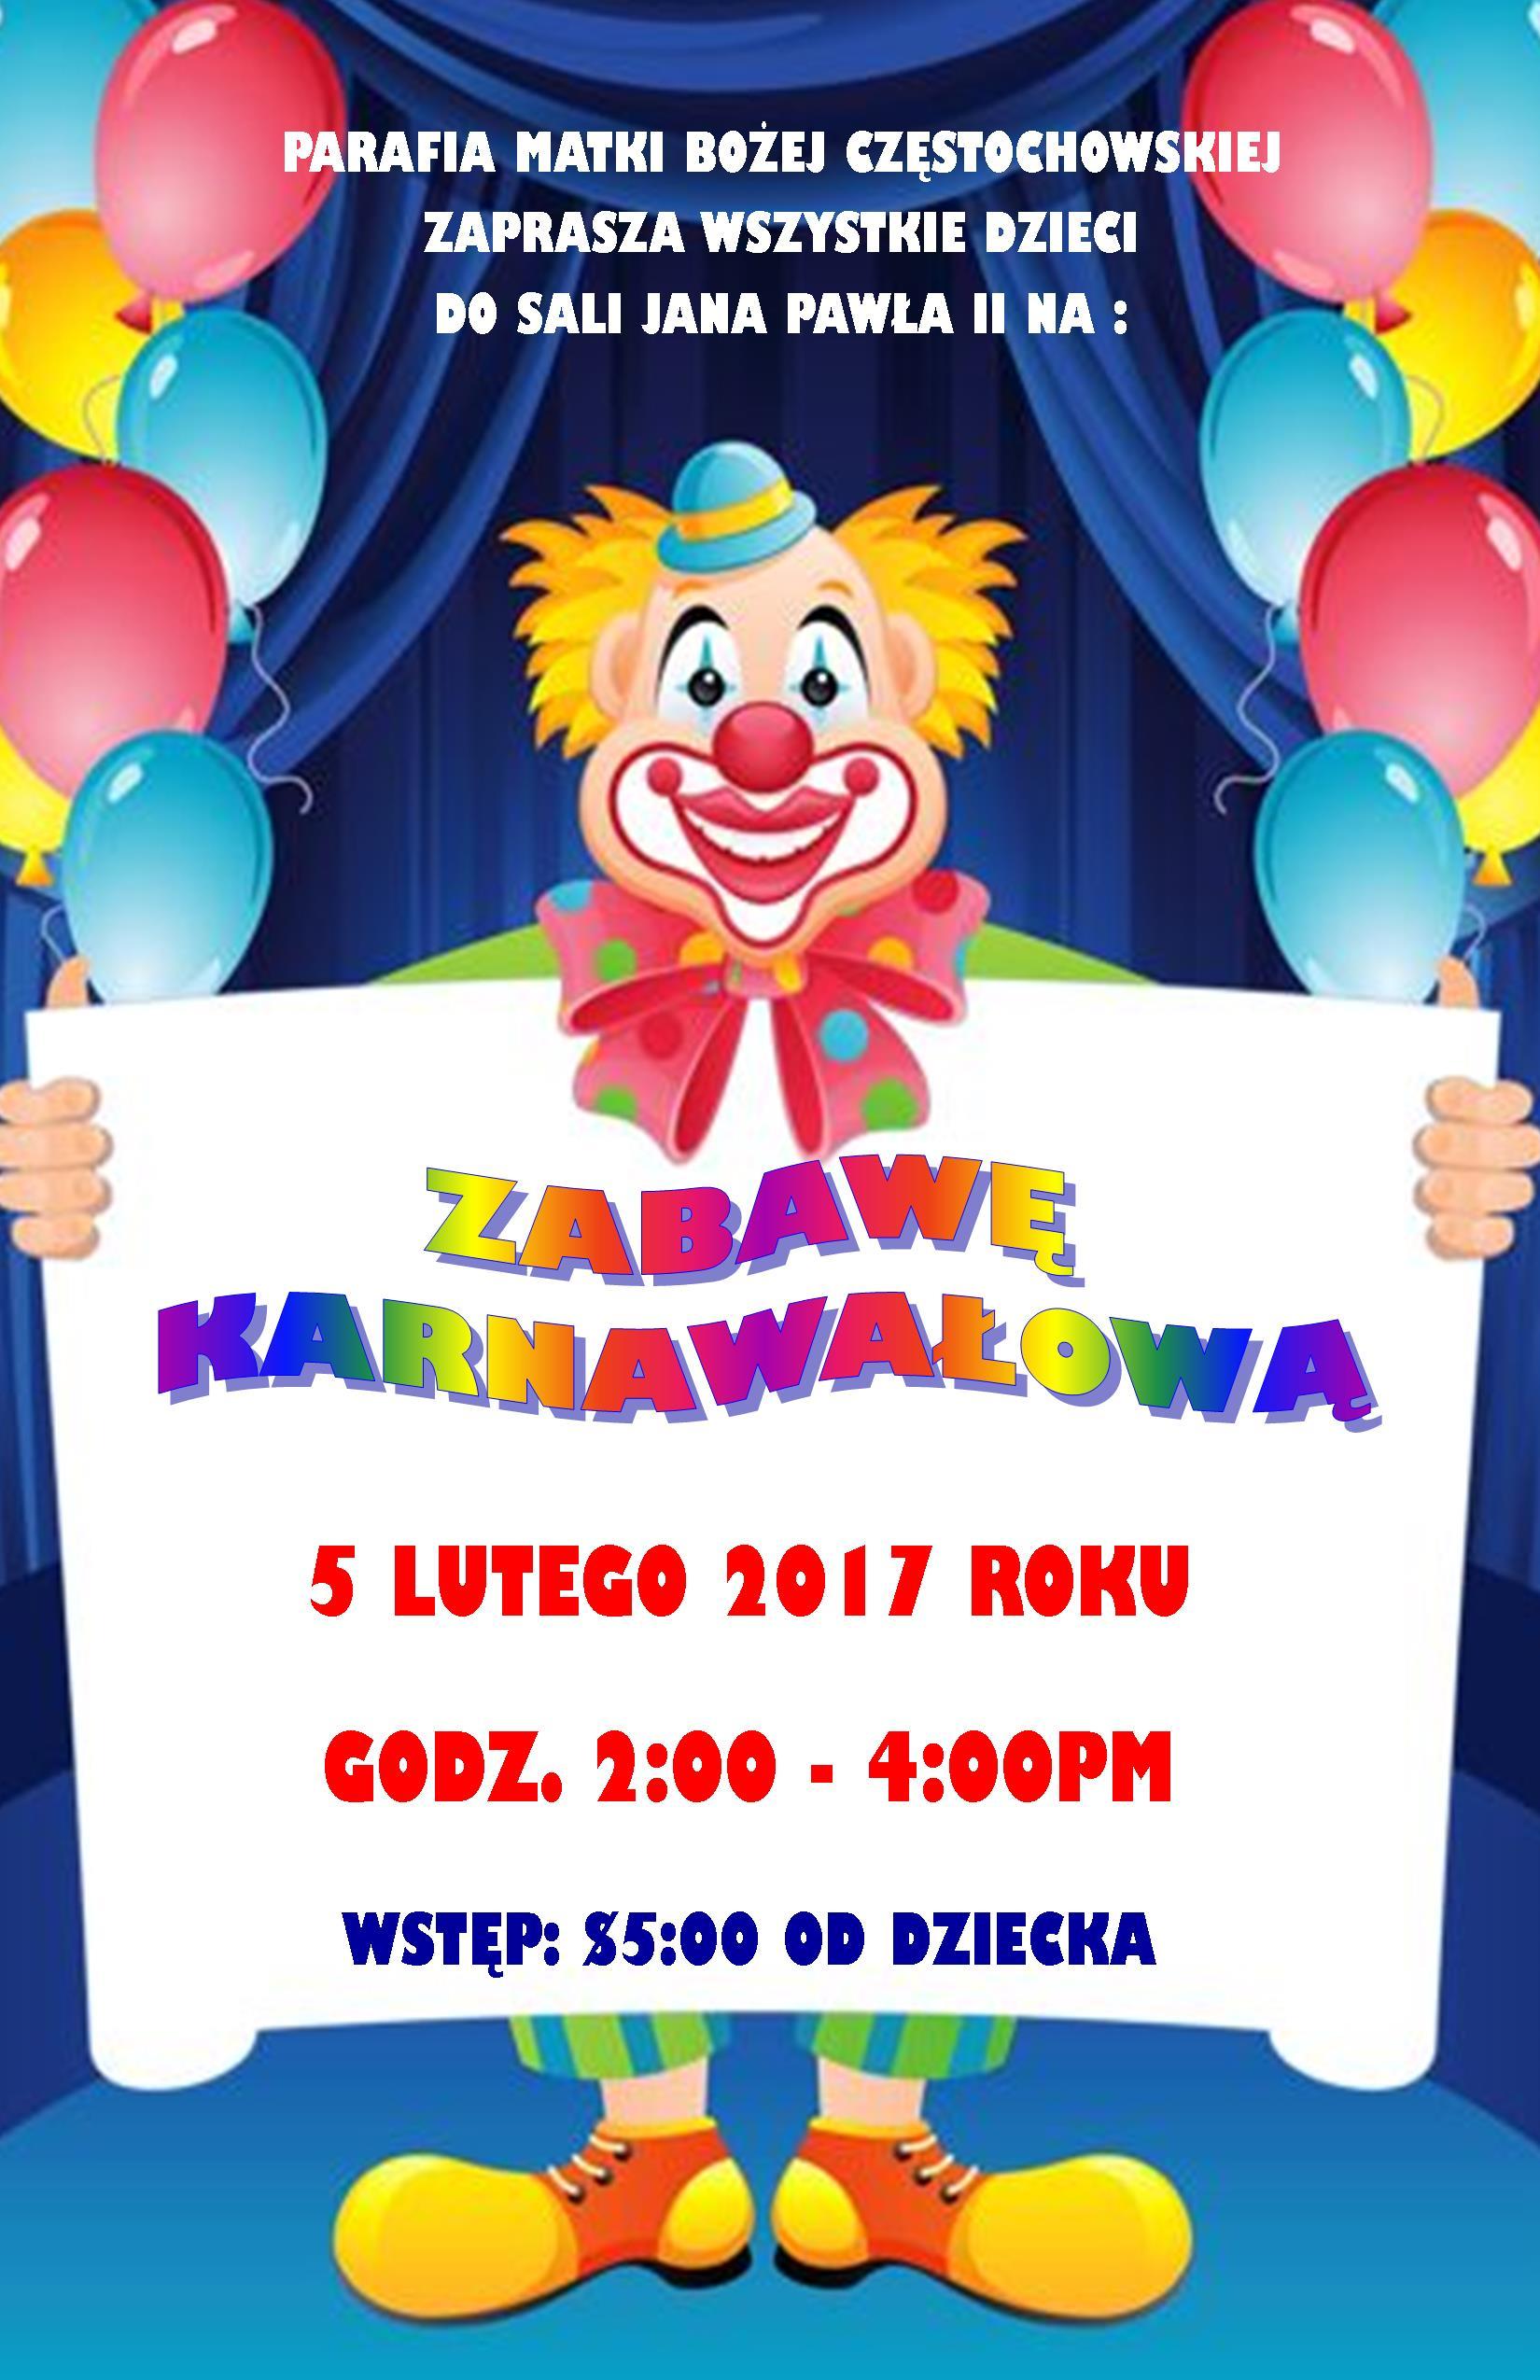 zabawa-karnawalowa-dla-dzieci-2017